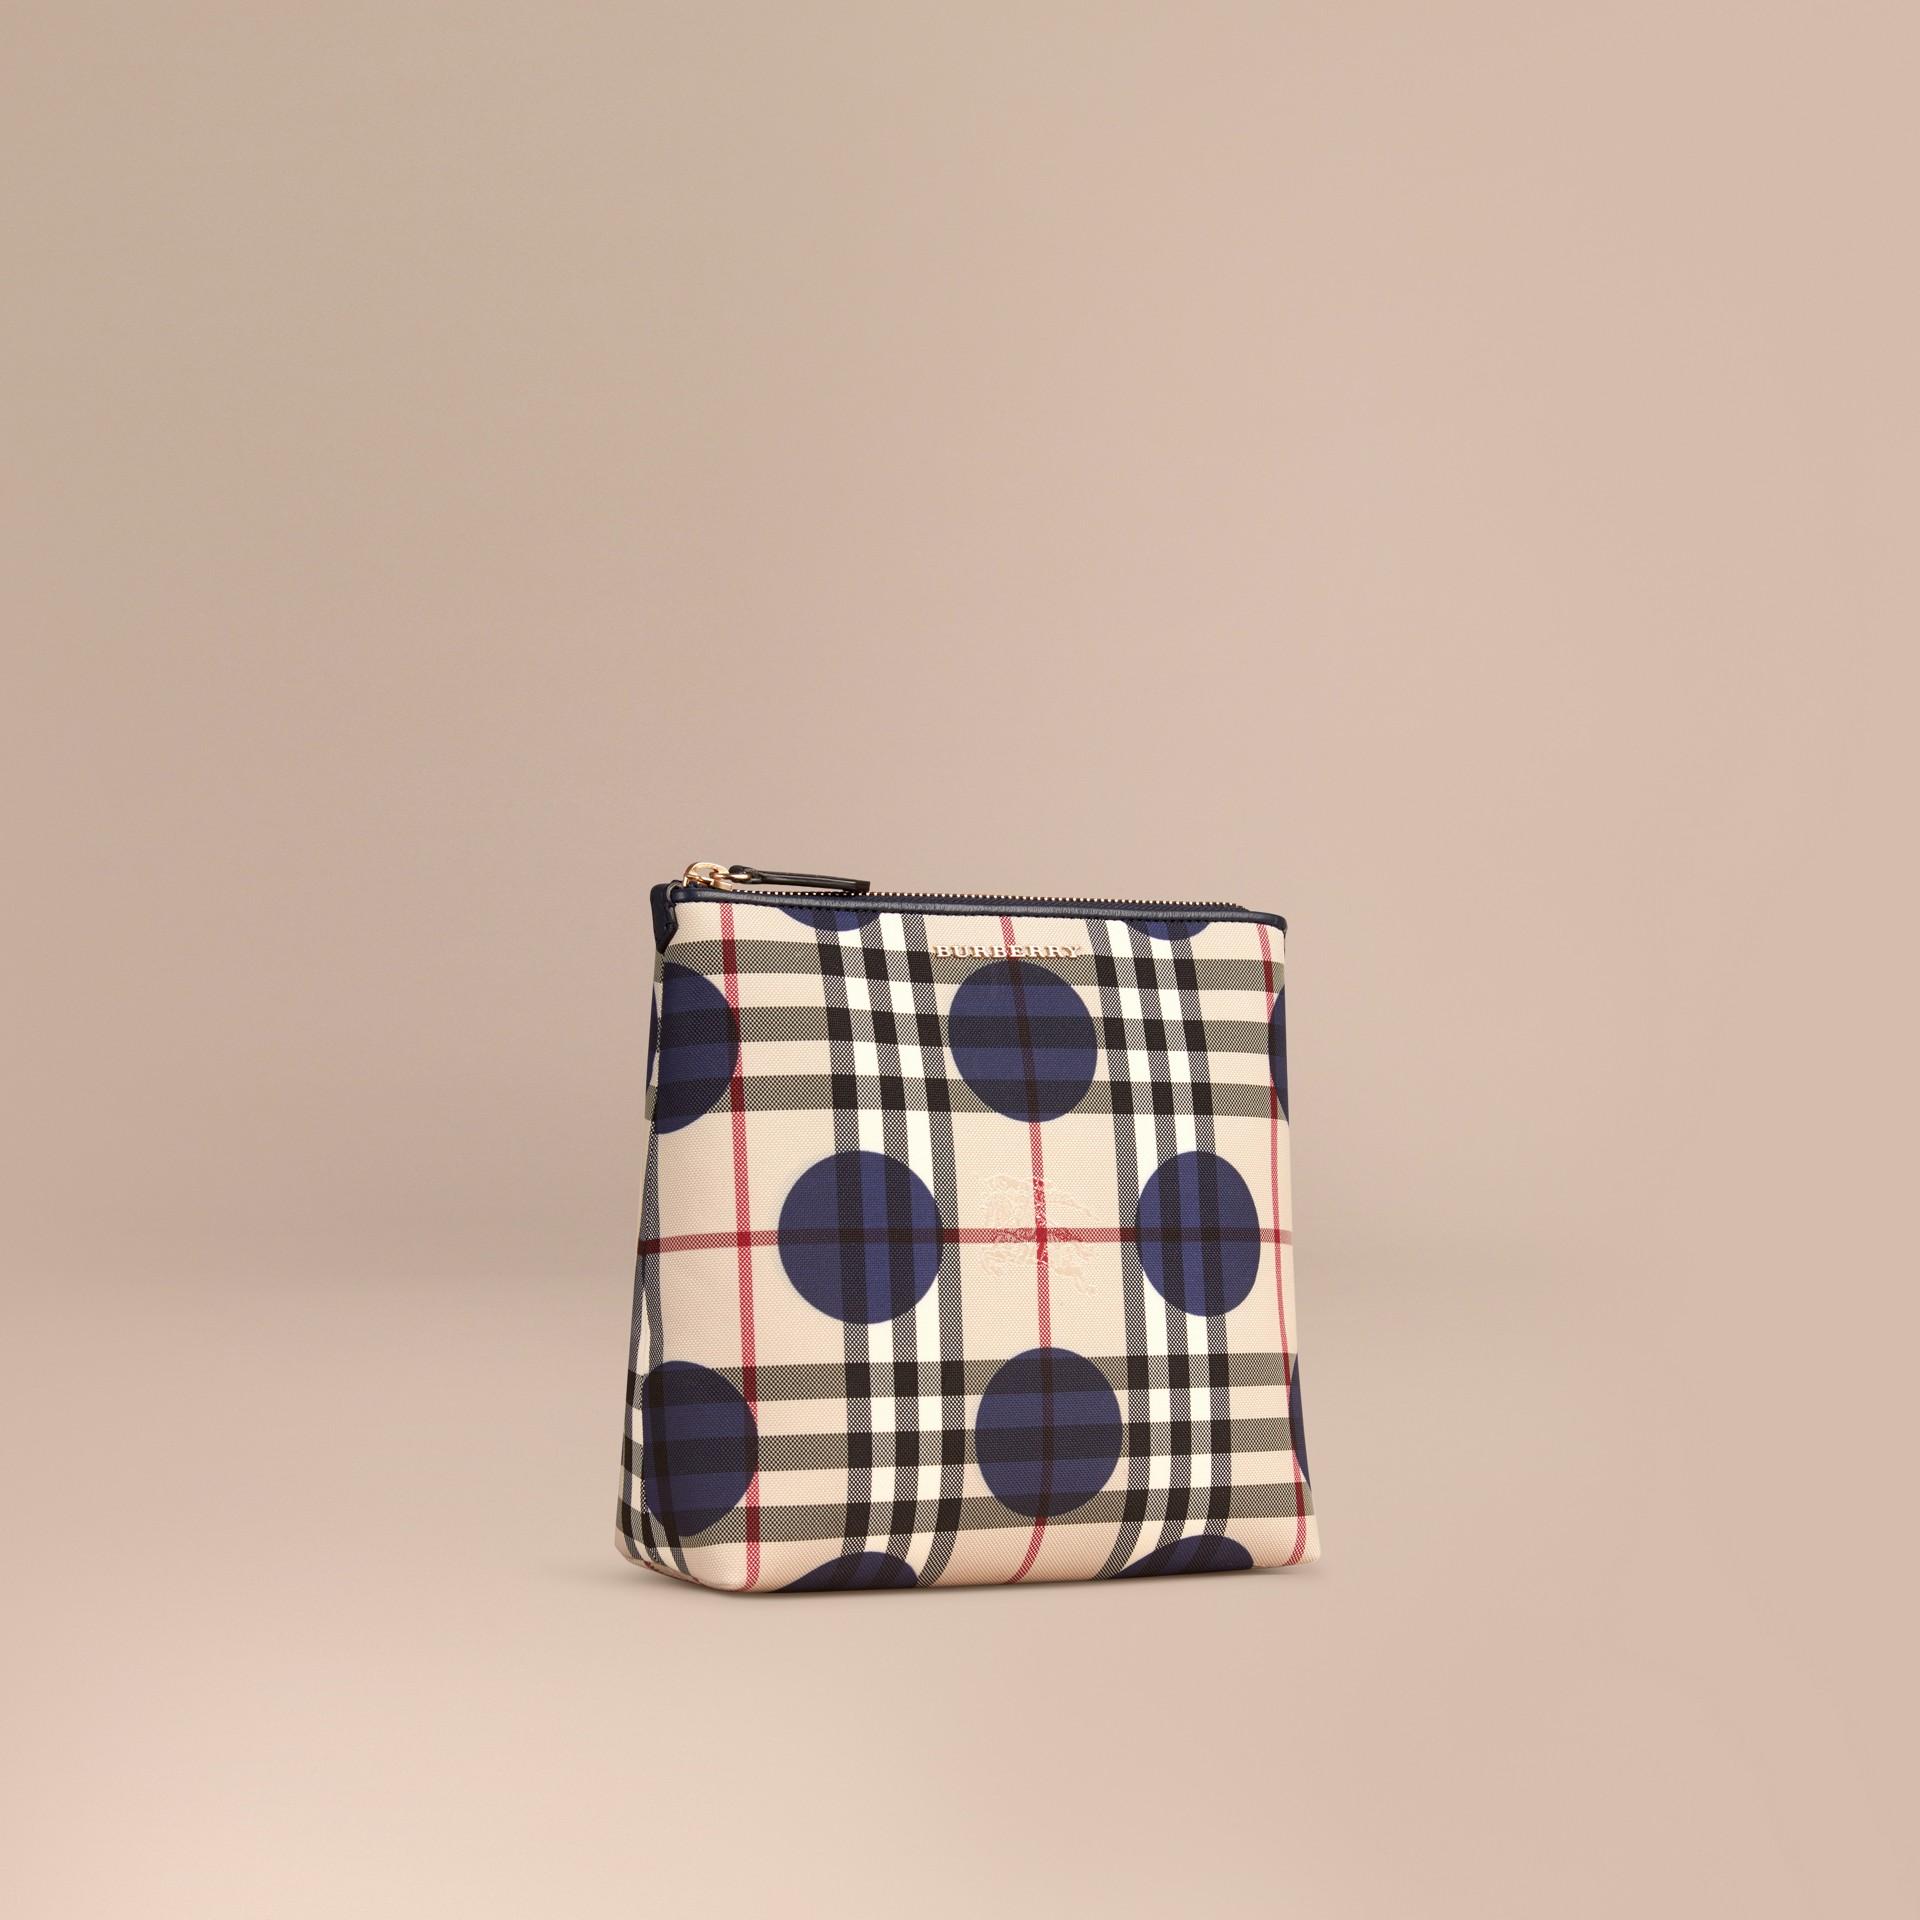 Azul carbono Bolsa grande com acabamento de couro e estampa xadrez com poás Azul Carbono - galeria de imagens 1